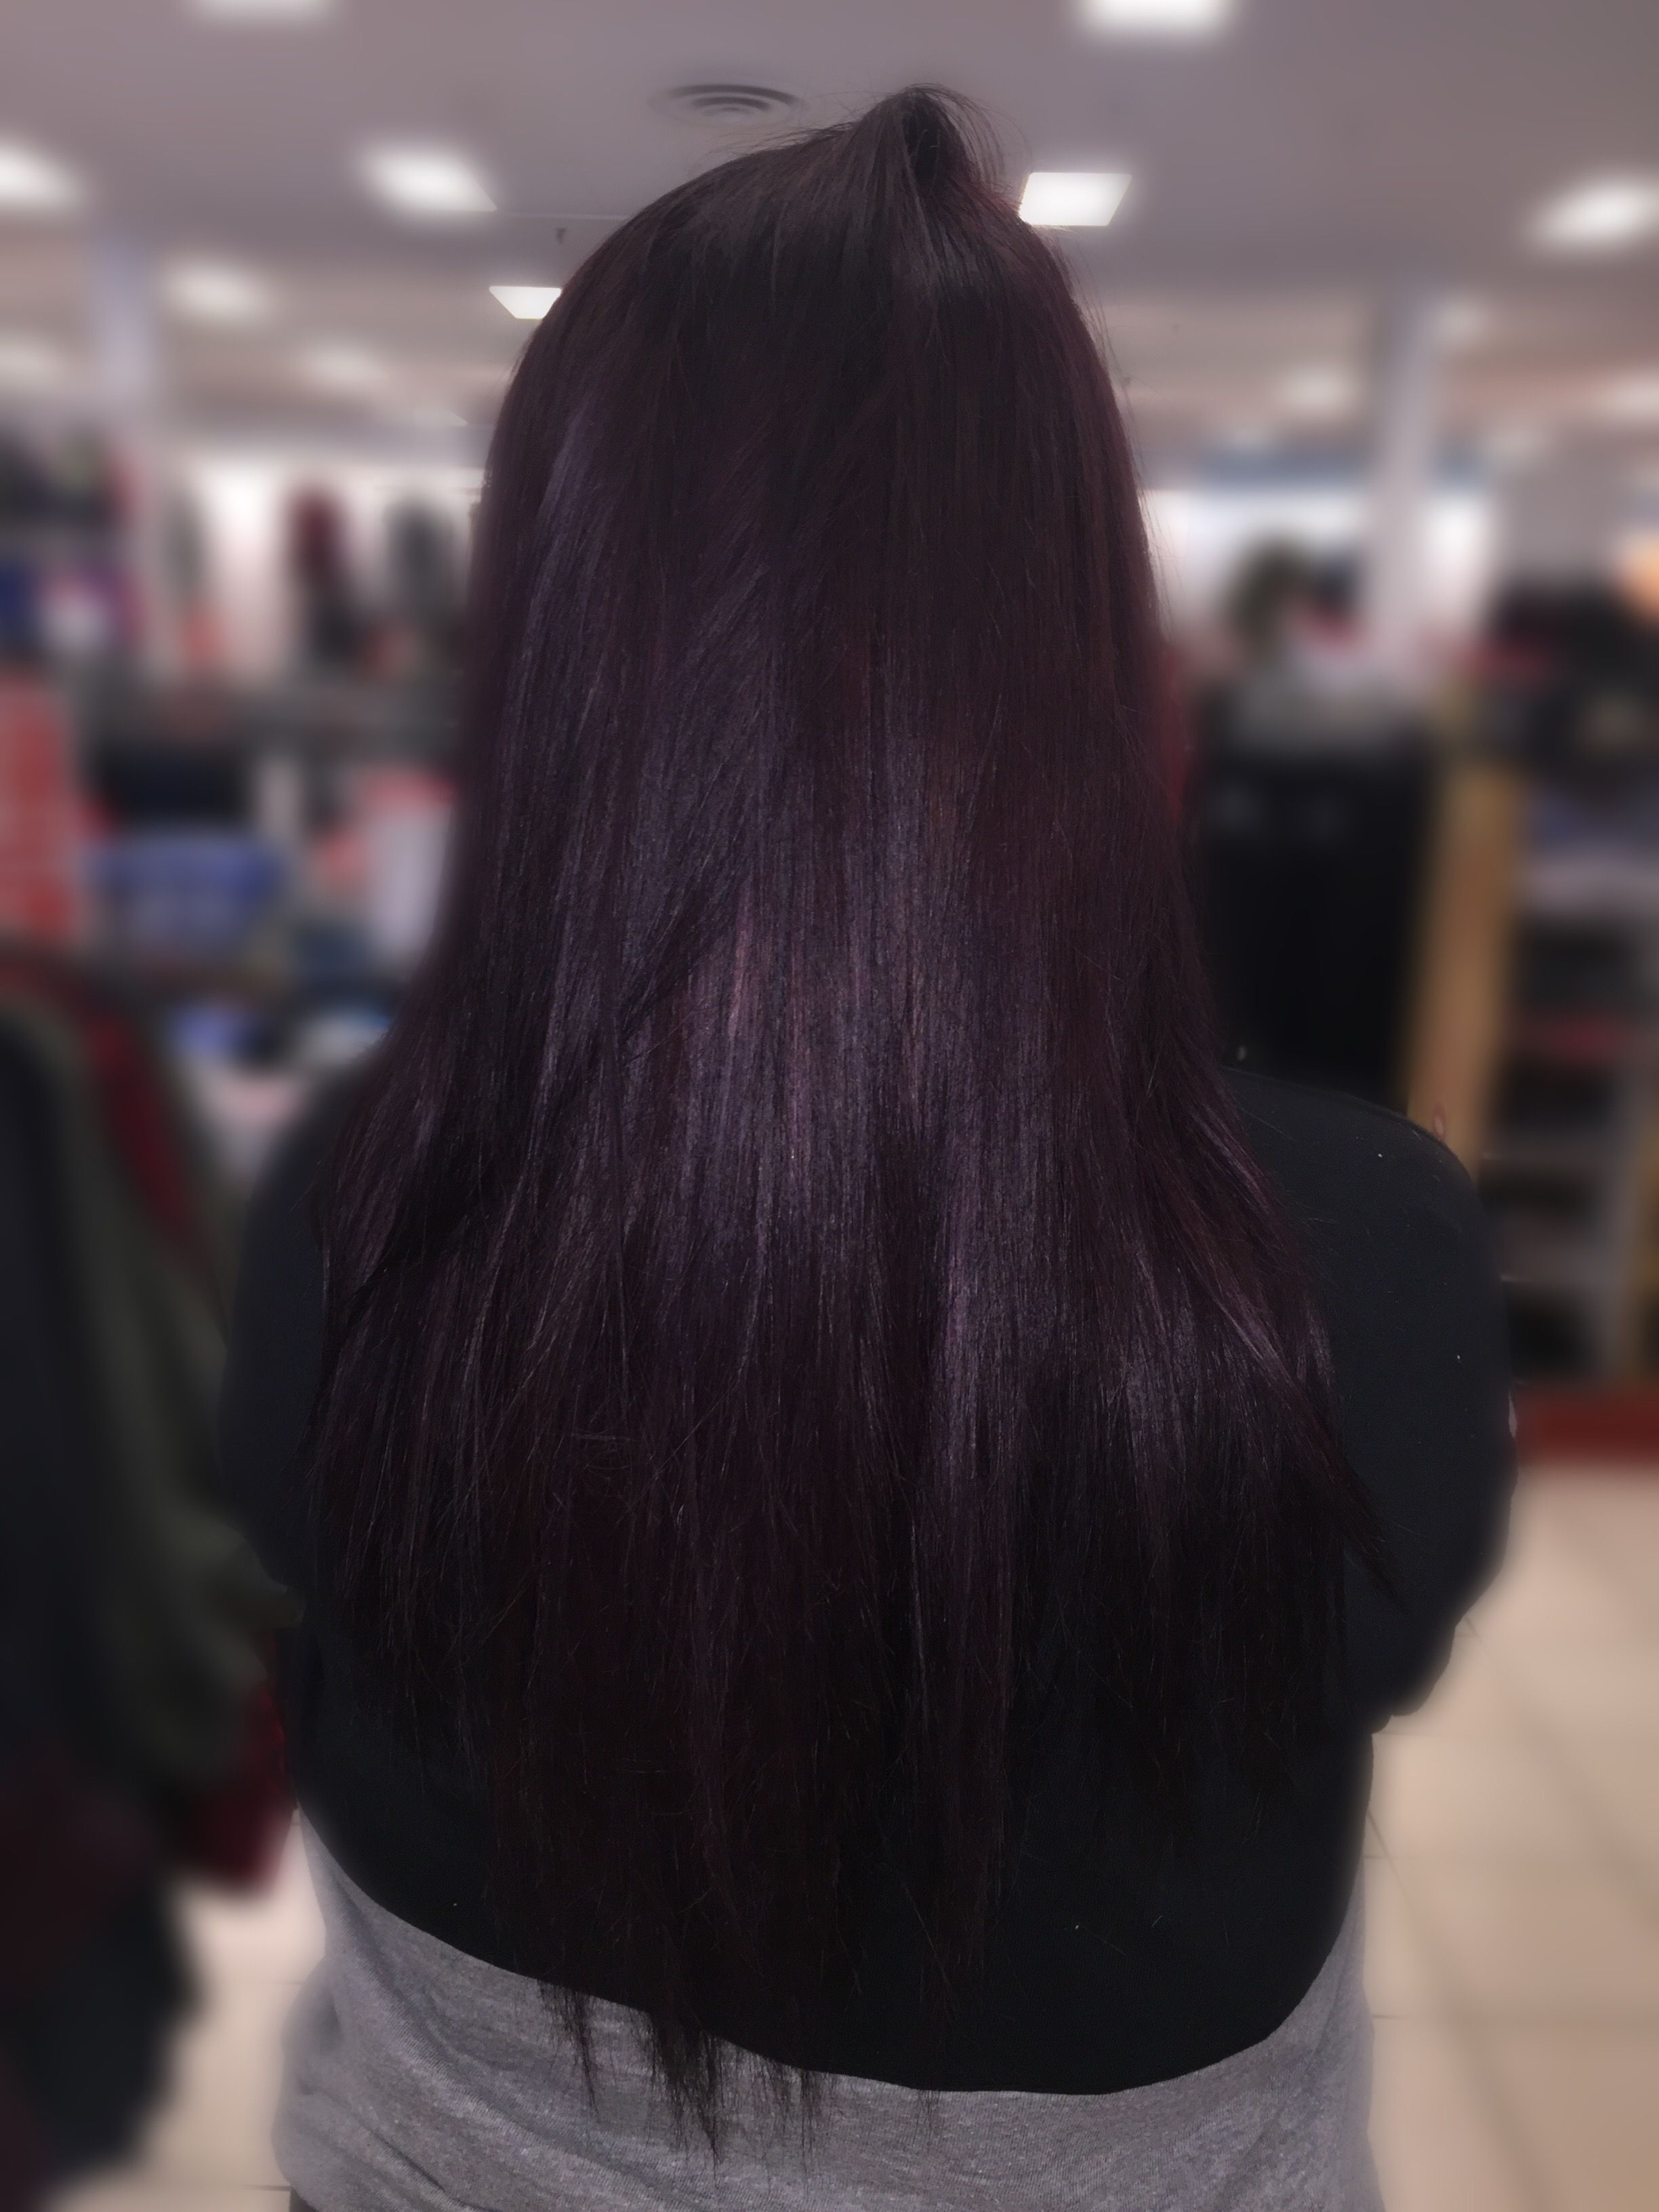 Plum Brown Hair | H A I R in 2019 | Hair, Brunette hair ...